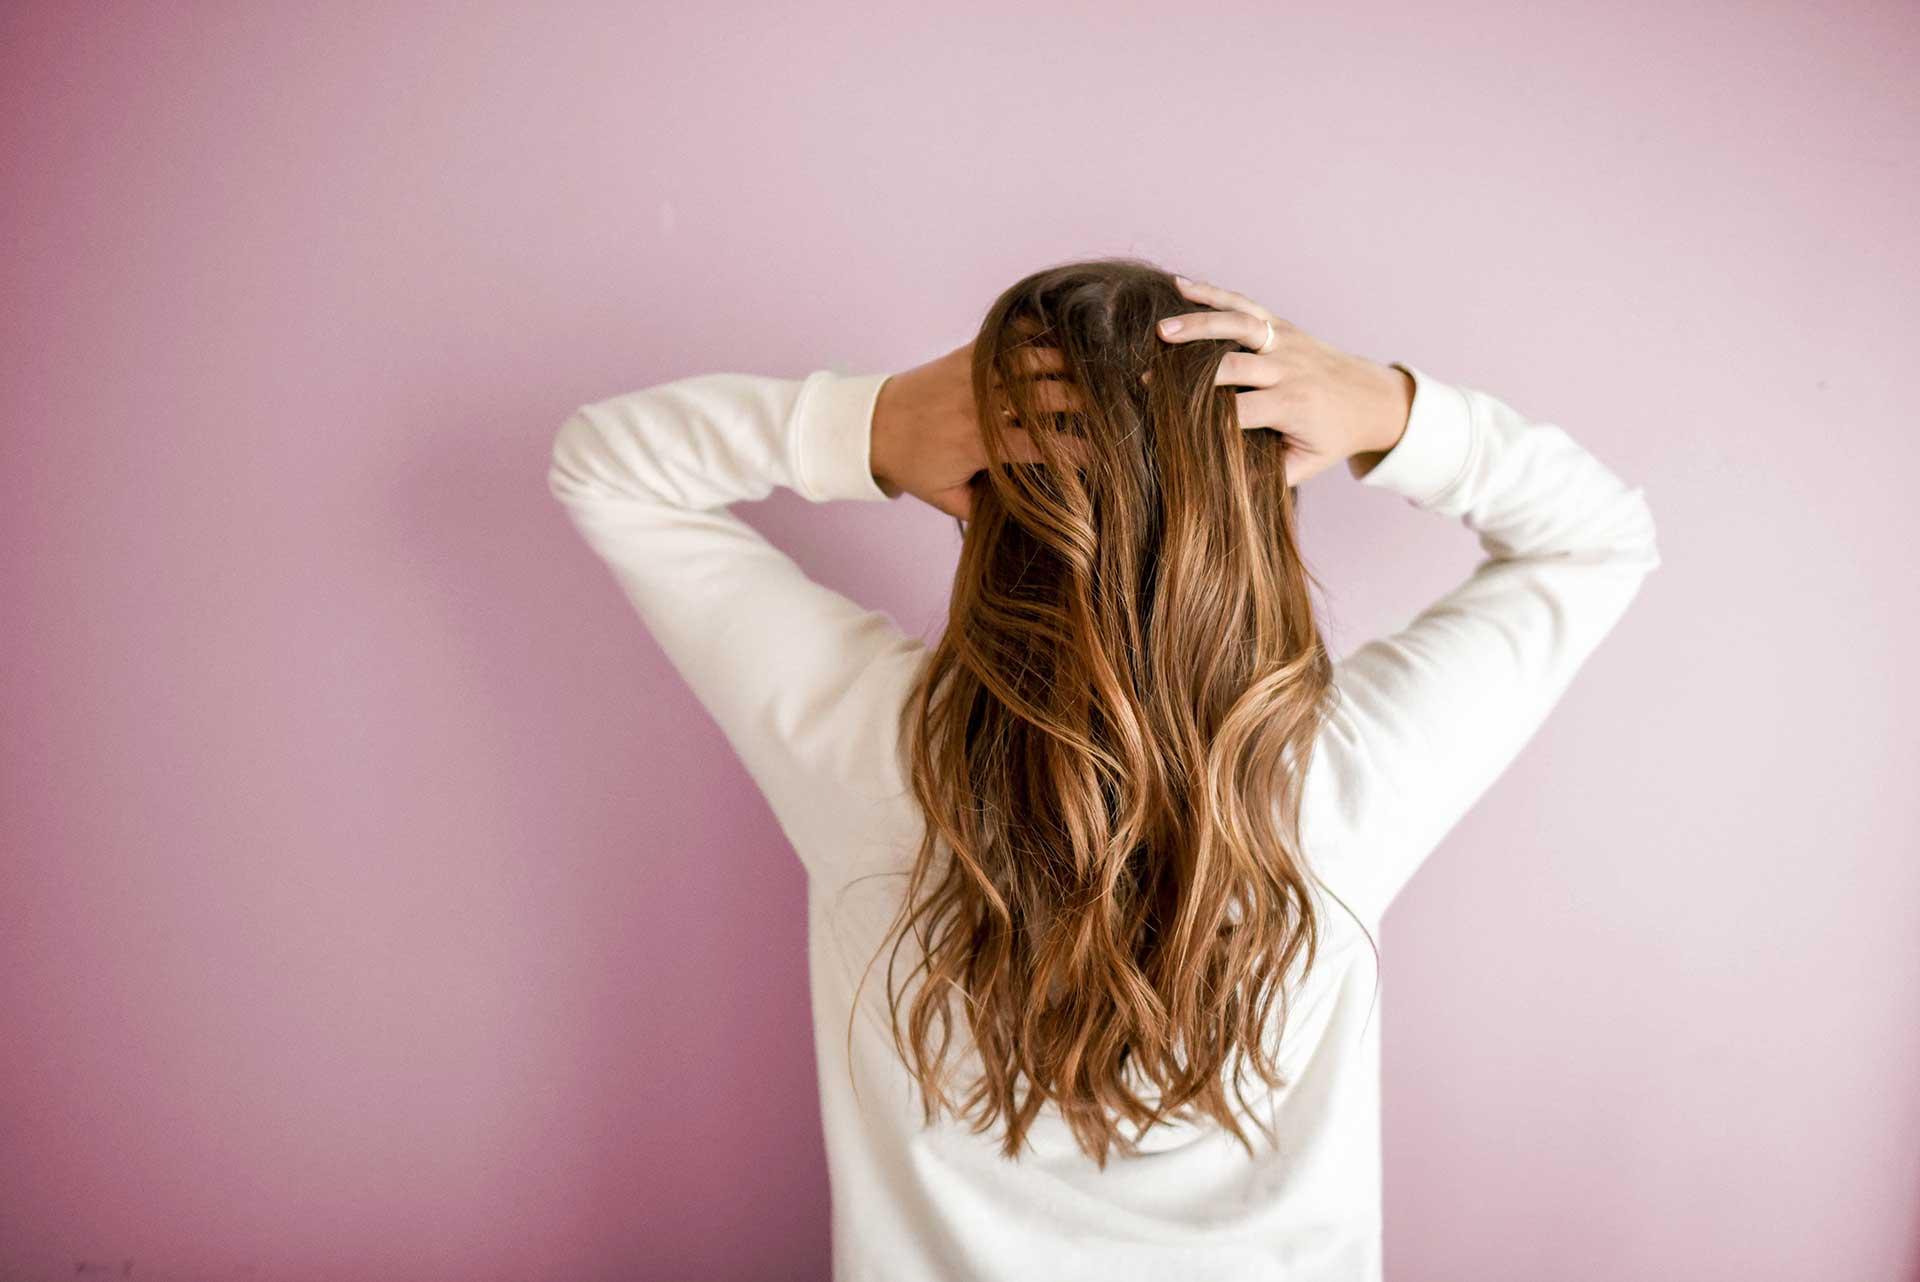 woman running her hands through her long hair facing away